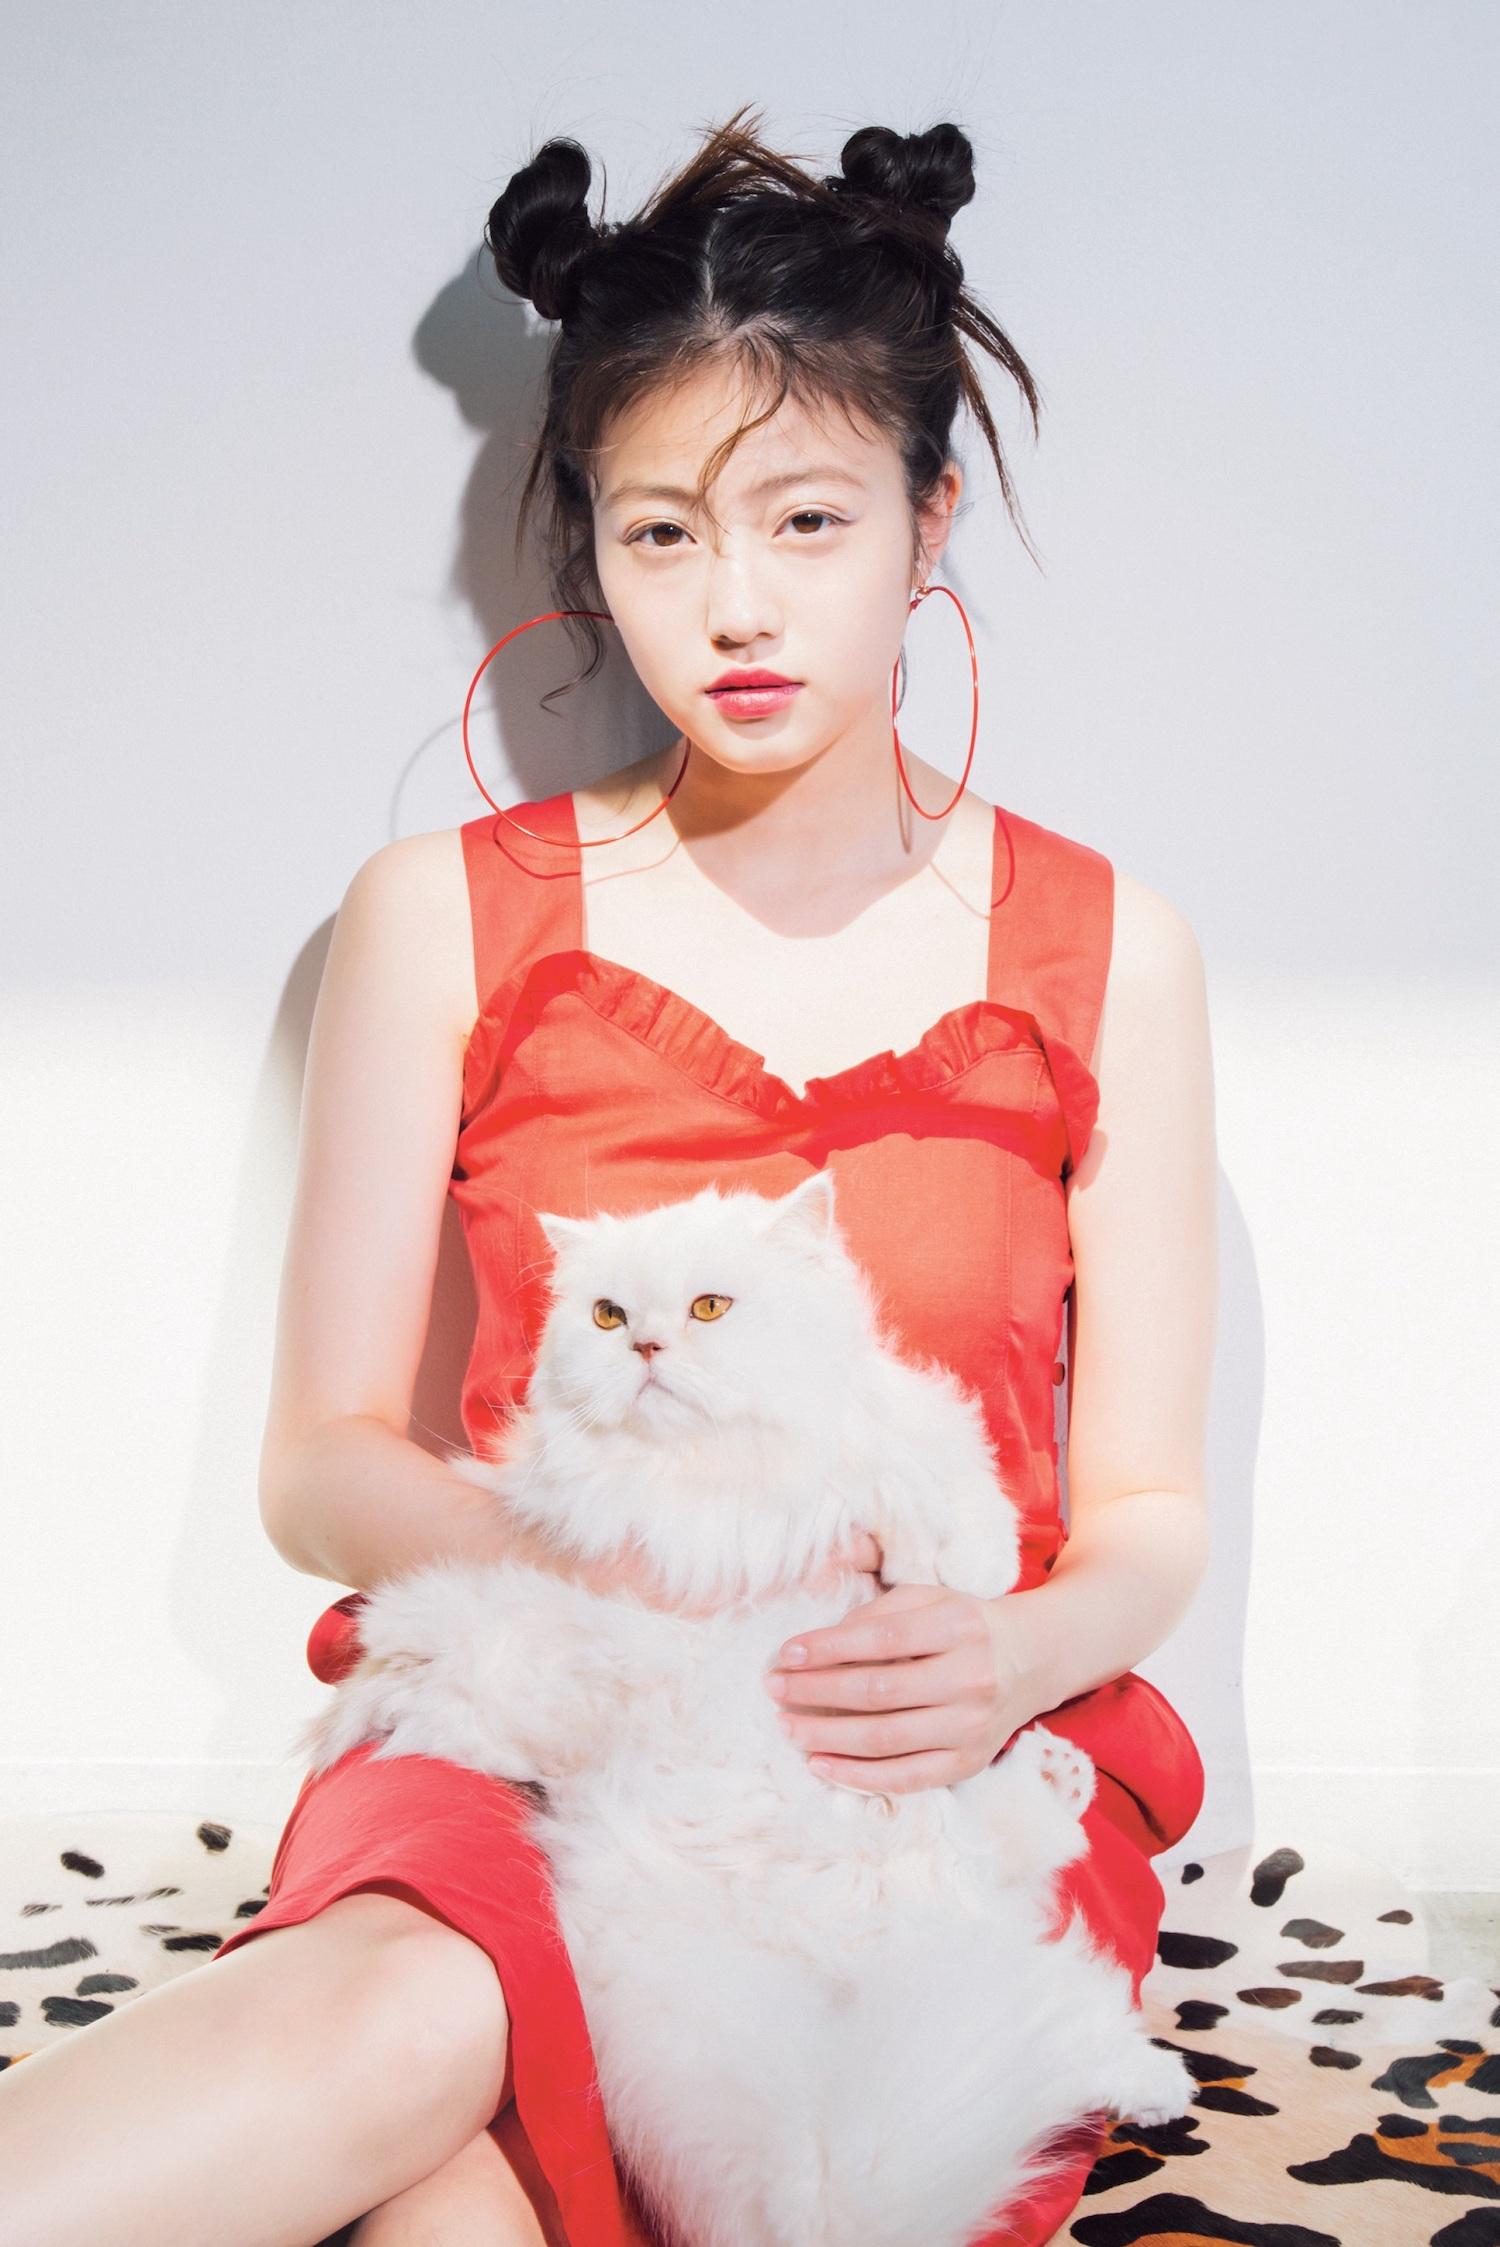 今田美桜(いまだ みお/女優)ViVi 2019年8月号